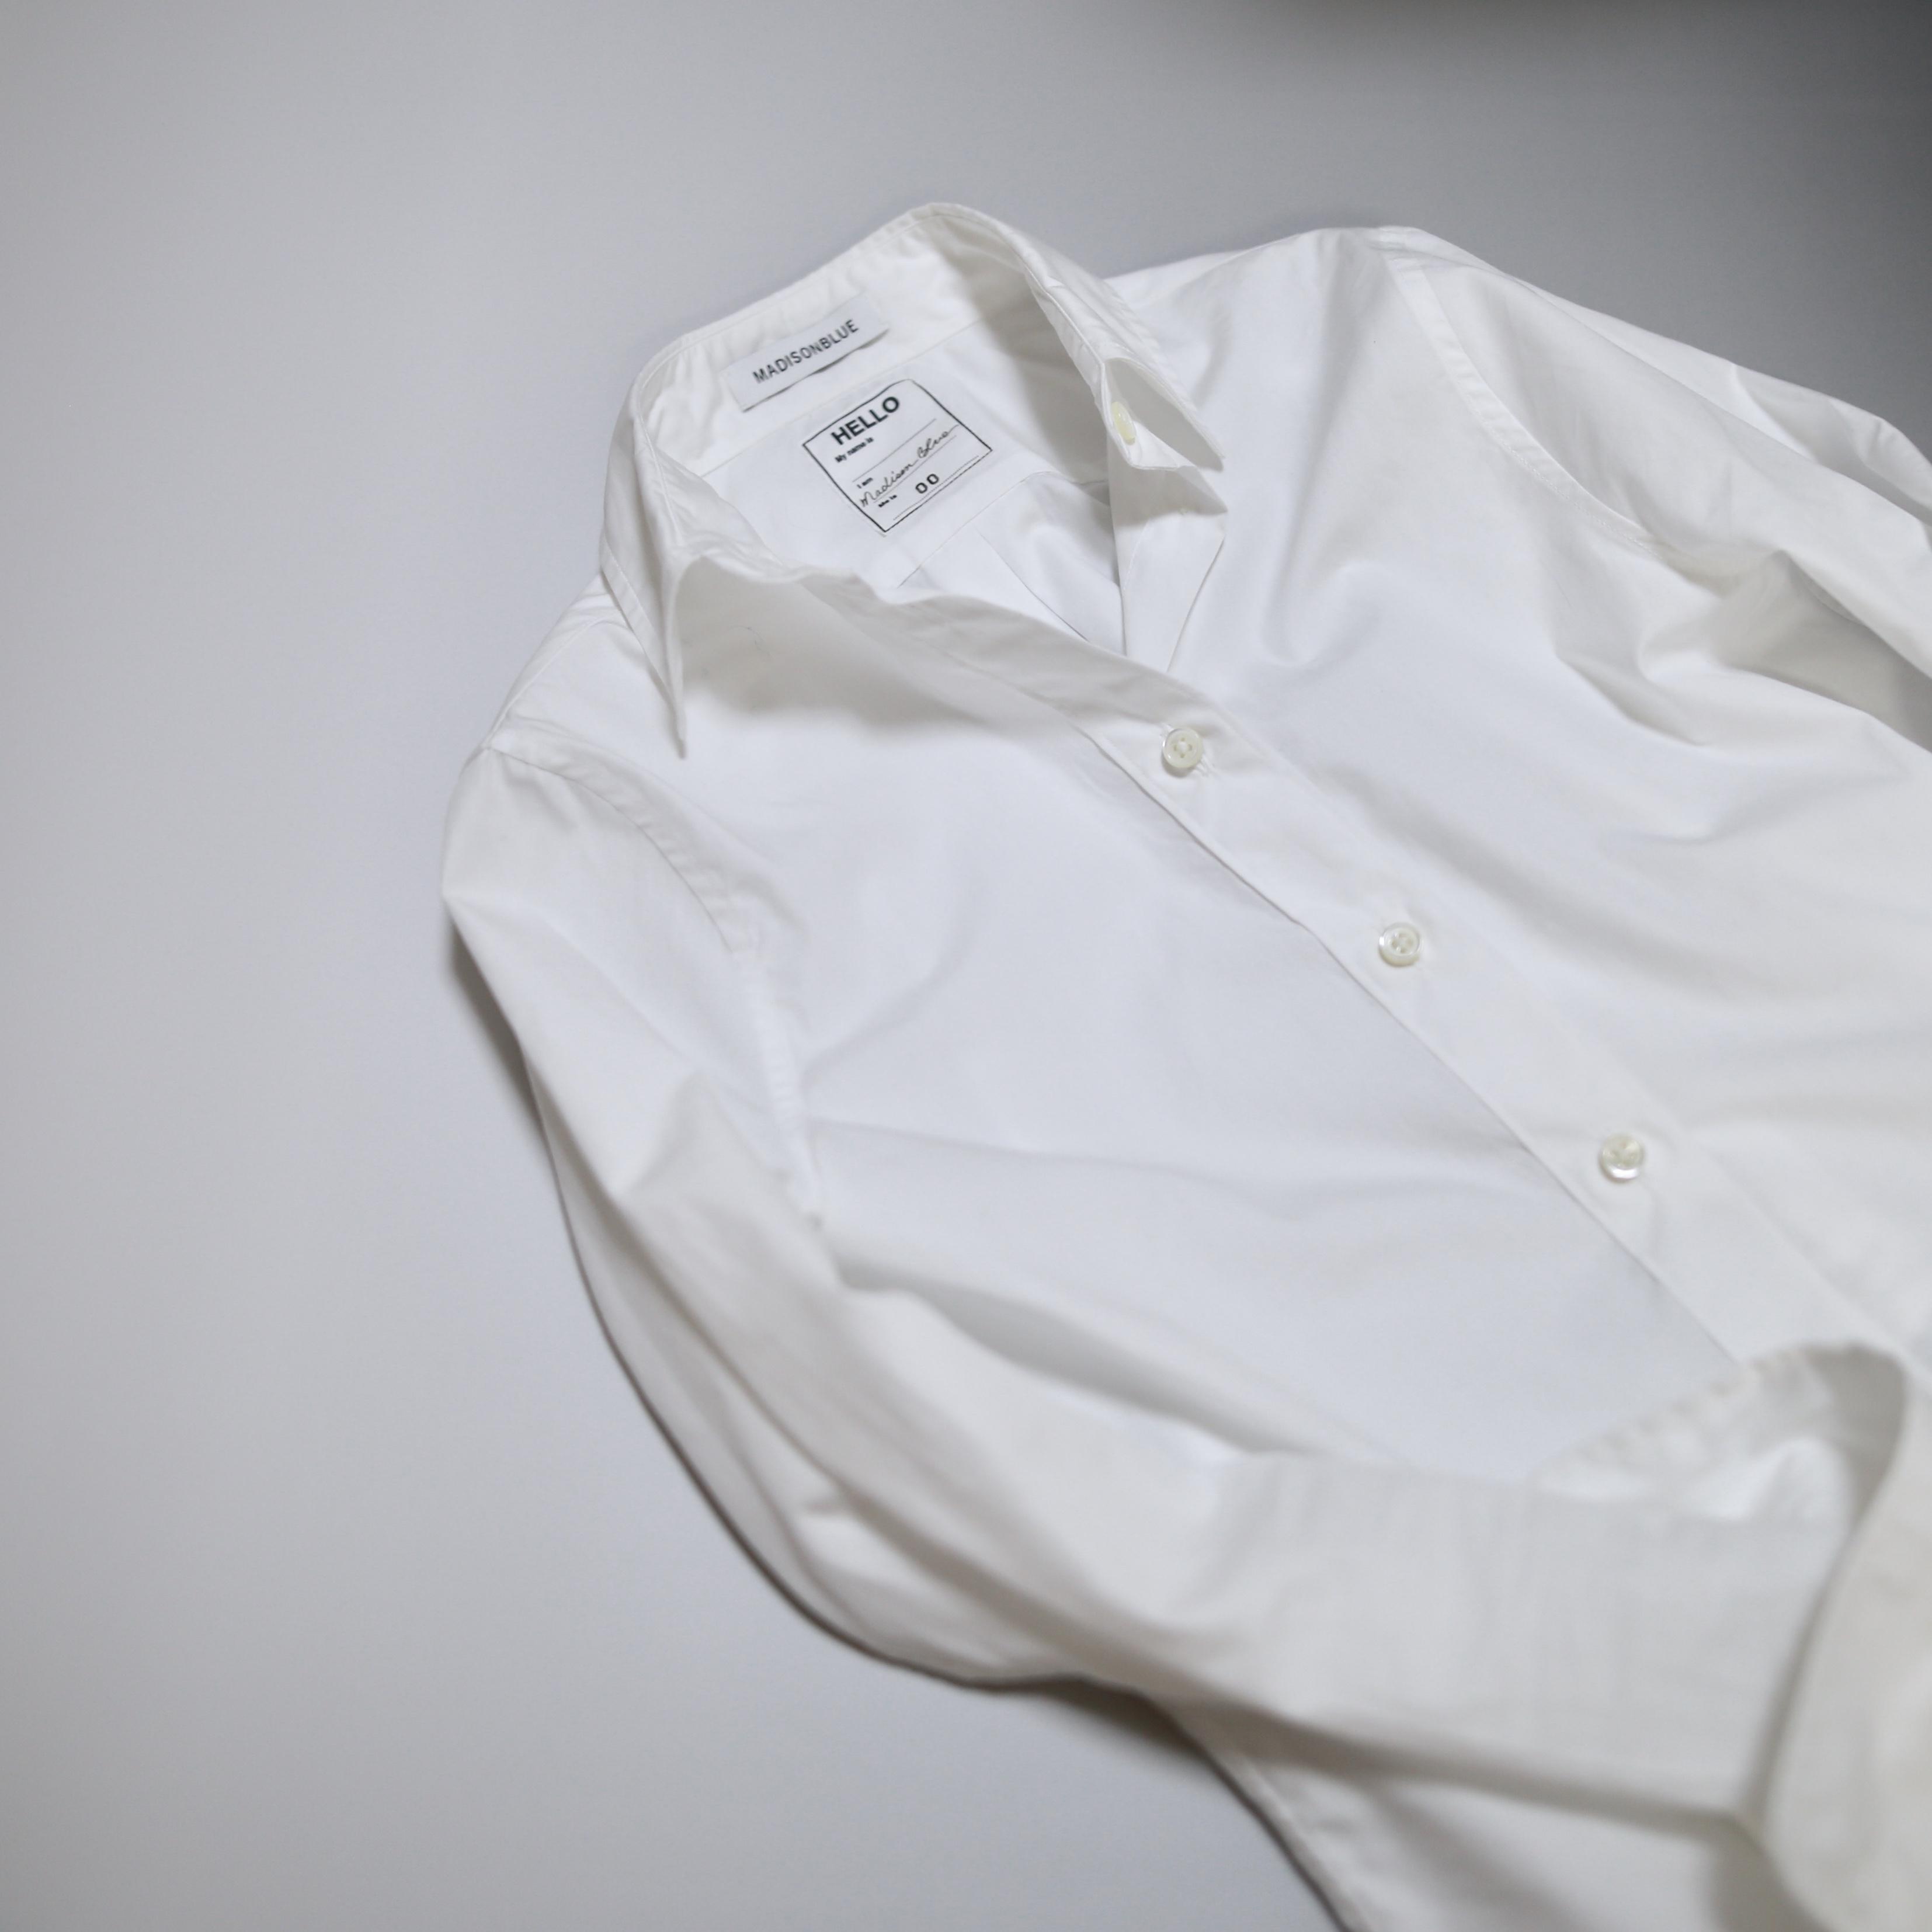 小細工ナシでキマるシャツ♪_1_2